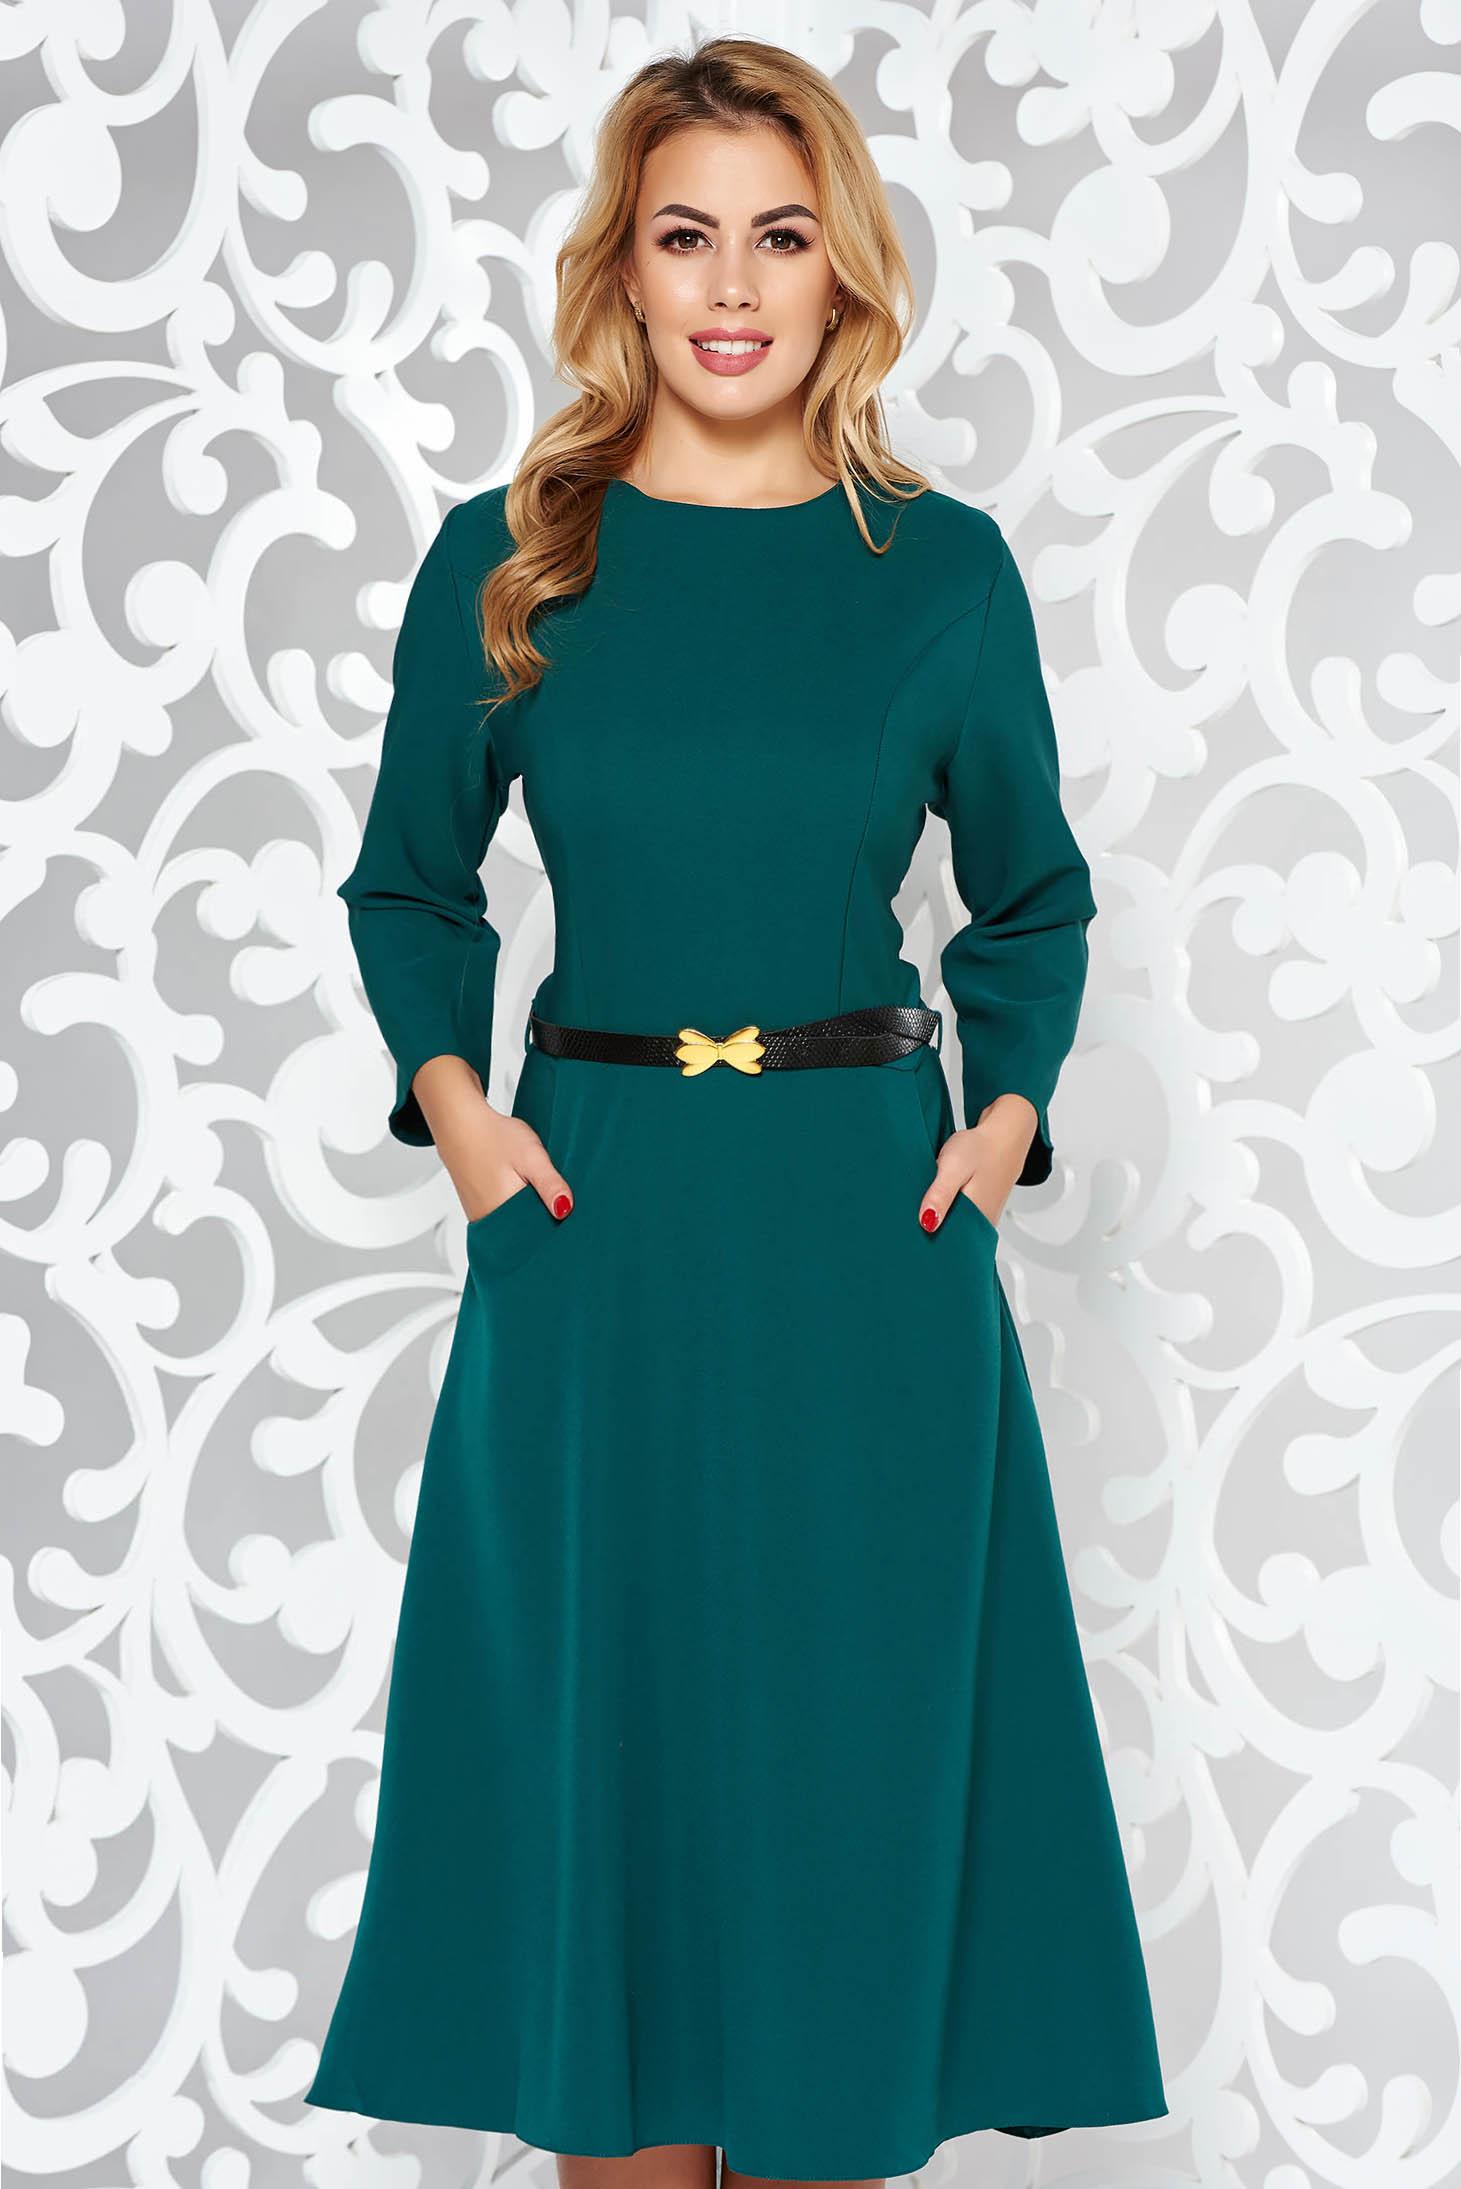 Zöld ruha irodai harang enyhén elasztikus pamut zsebes öv típusú kiegészítővel